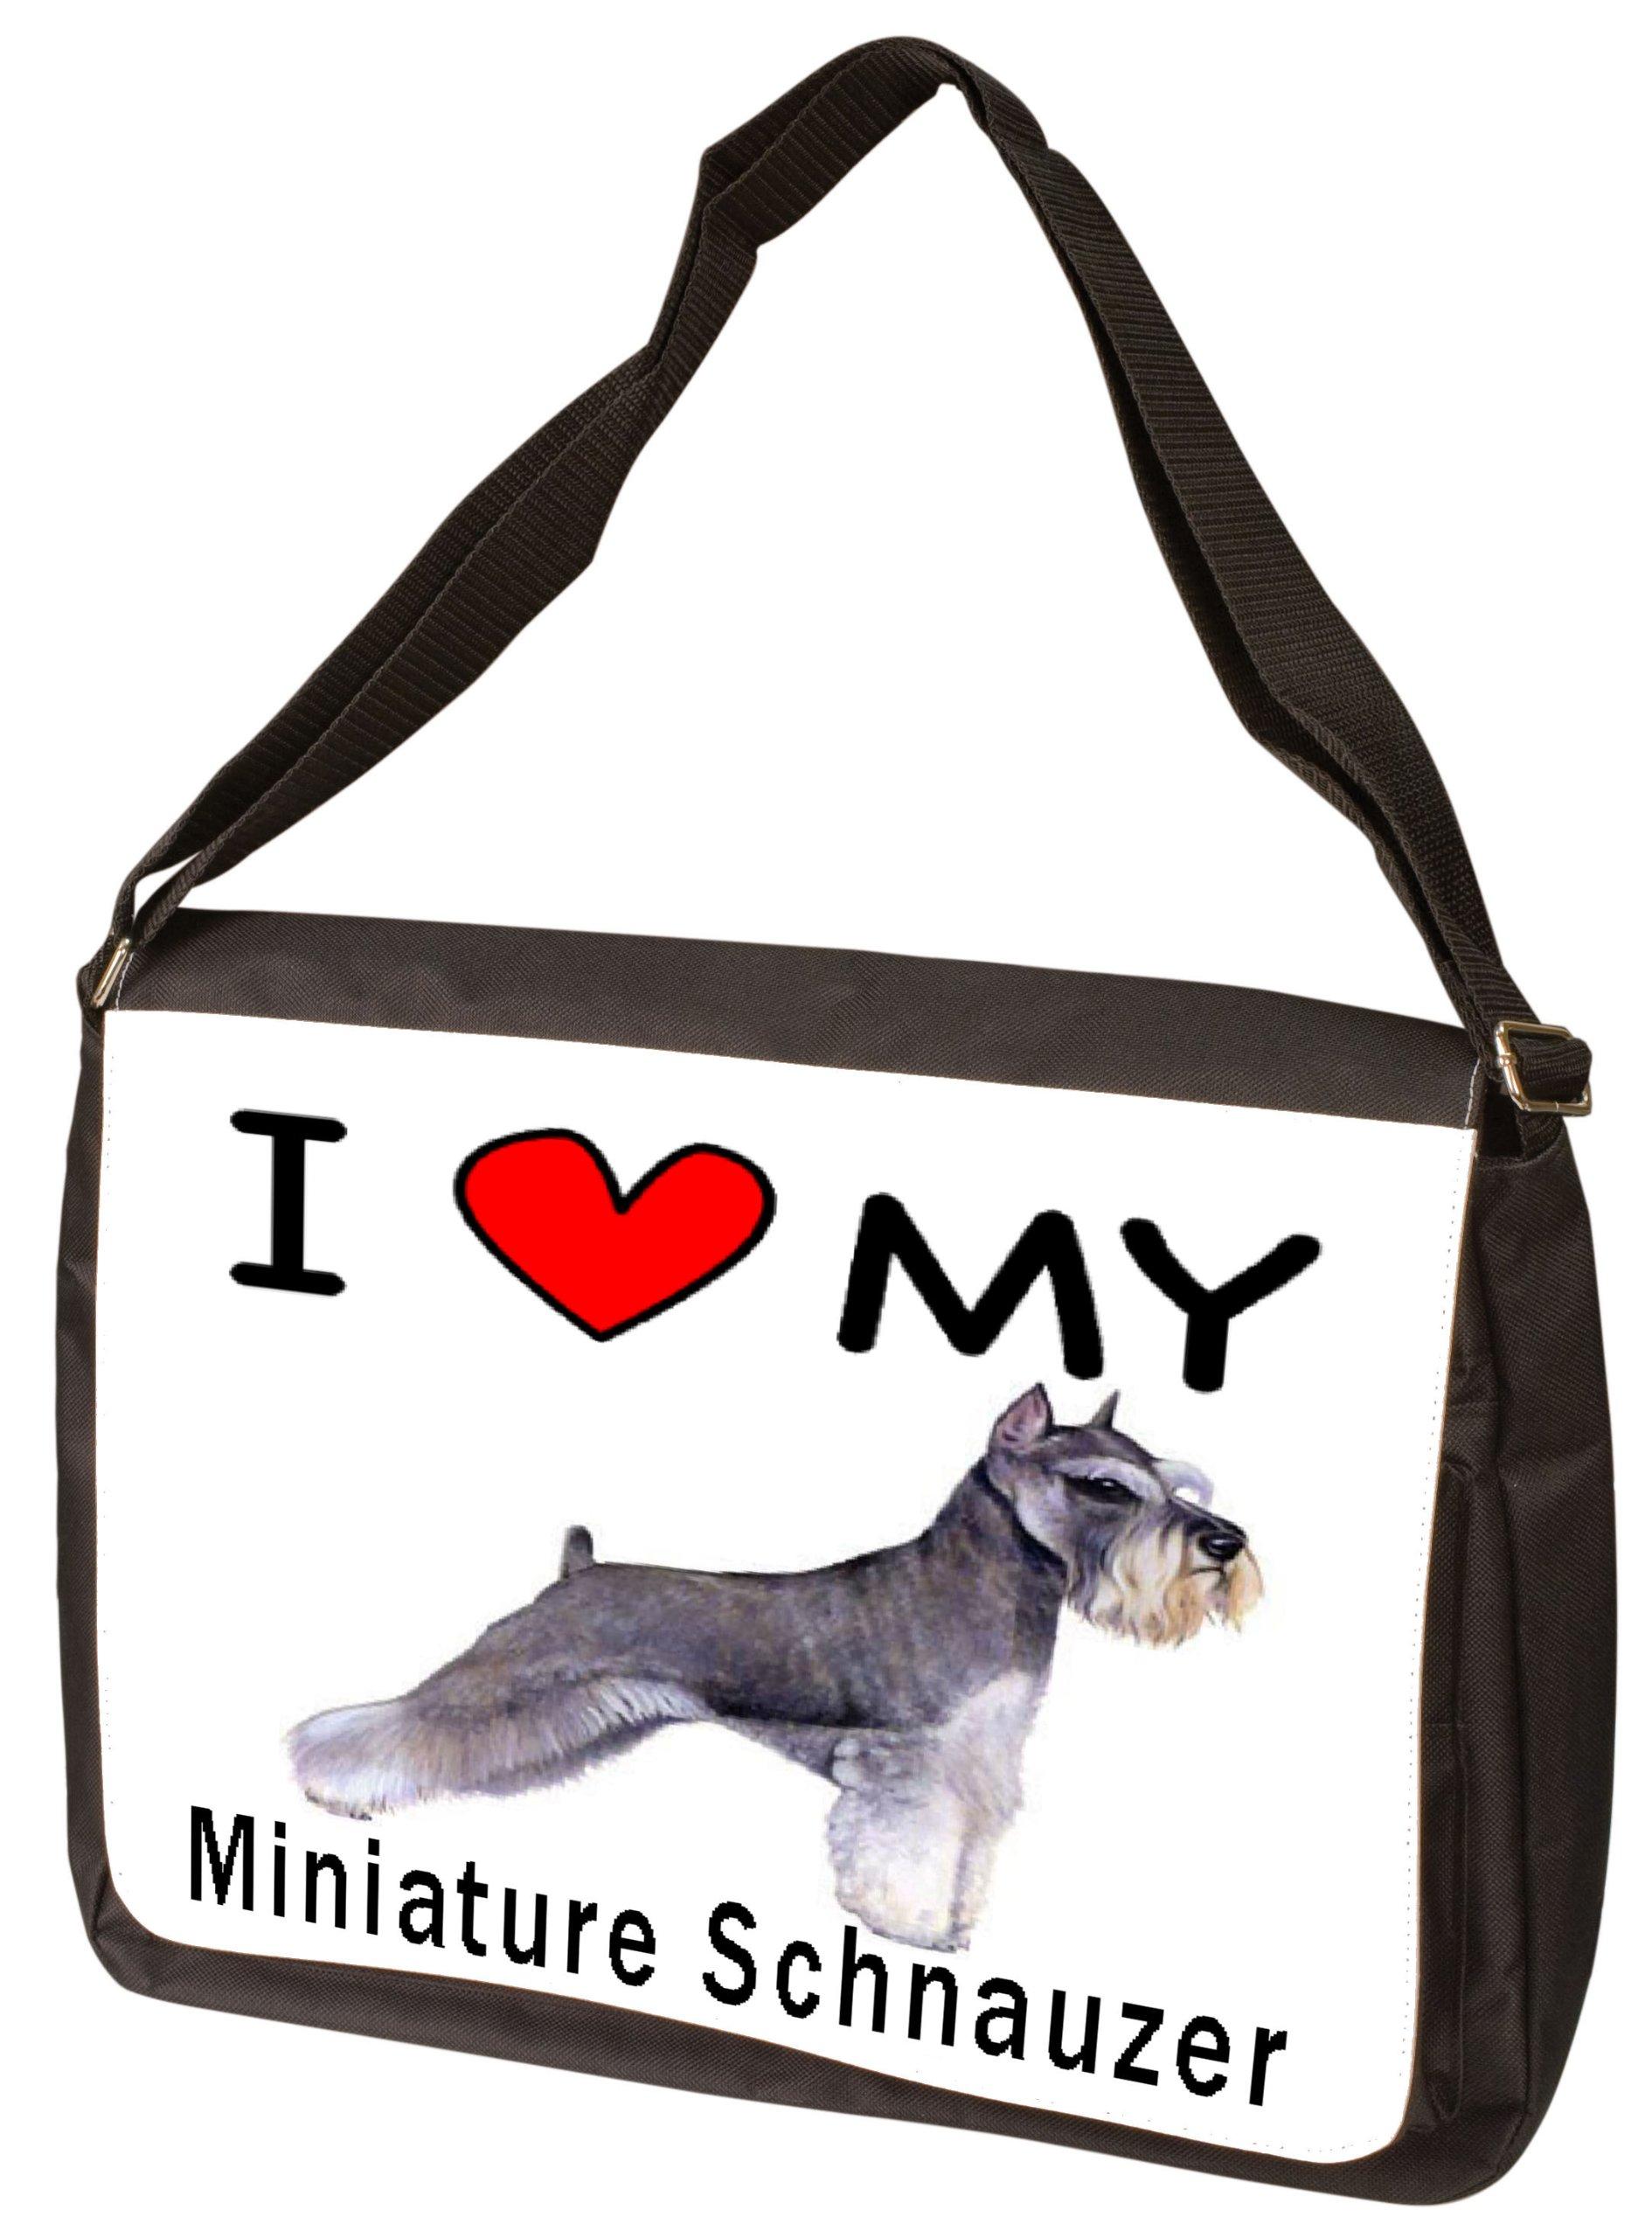 I Love My Miniature Schnauzer Laptop Bag - Shoulder Bag - Messenger Bag